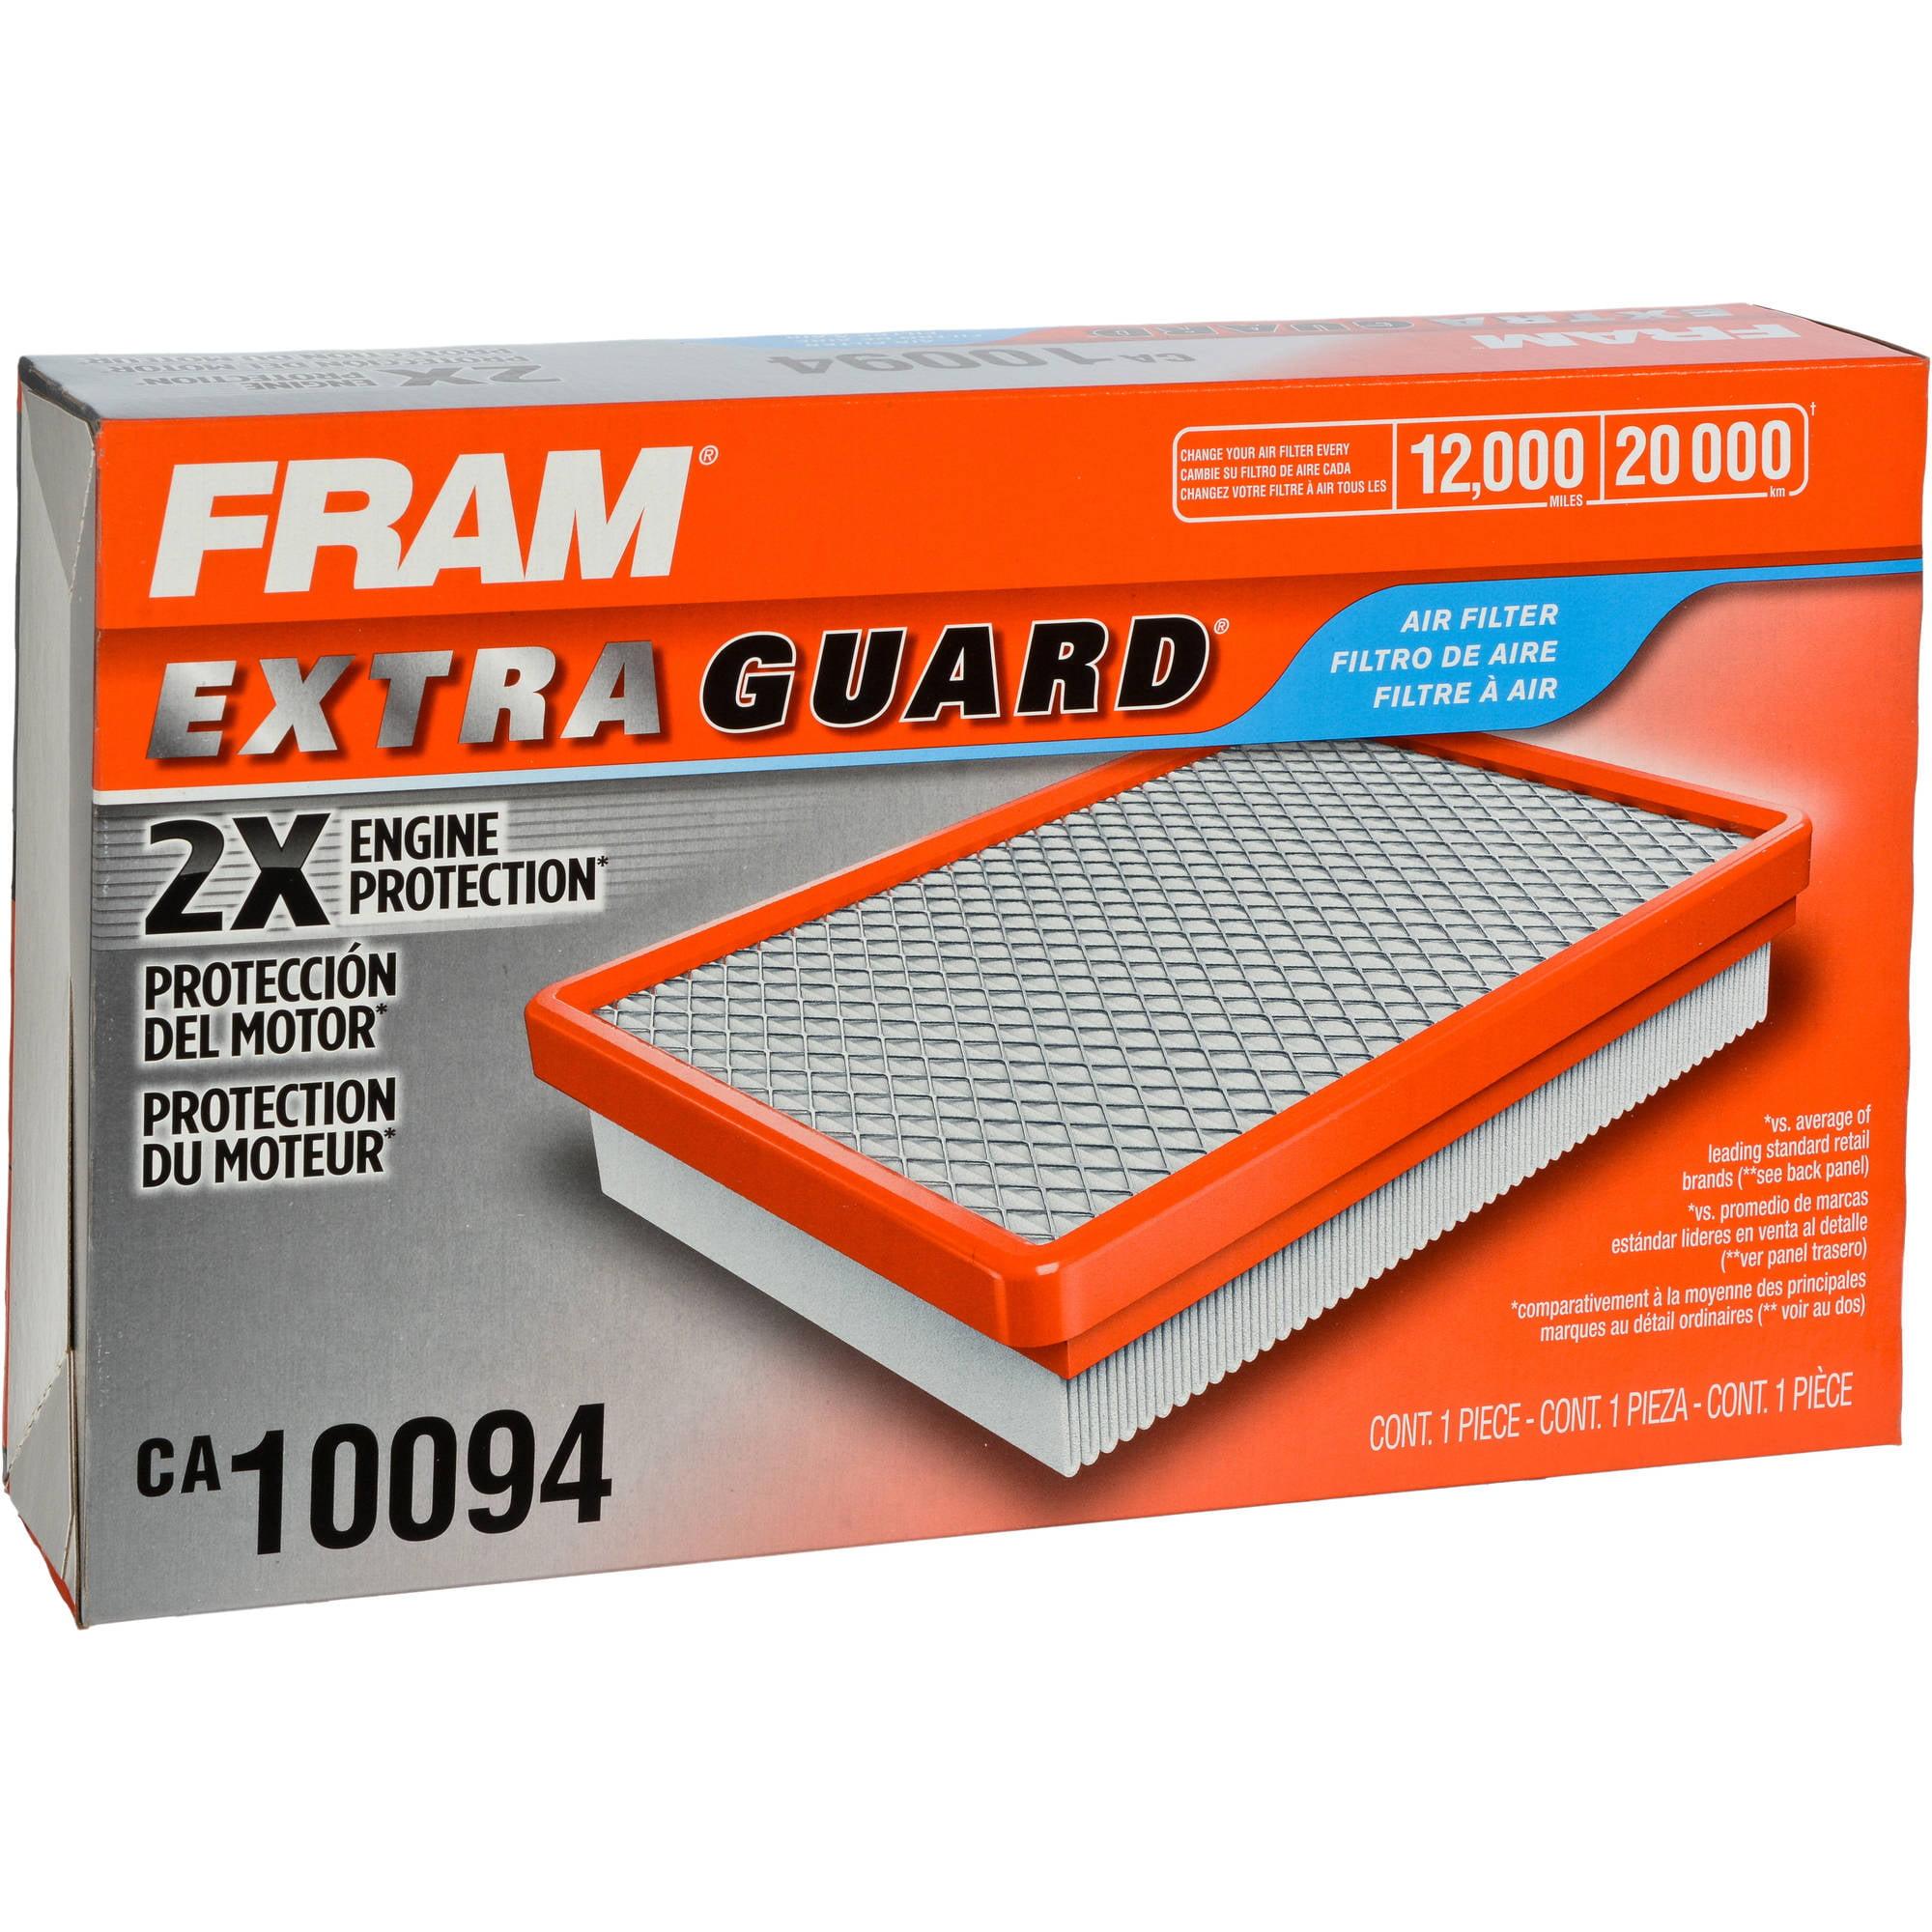 FRAM Extra Guard Air Filter, CA10094 by FRAM